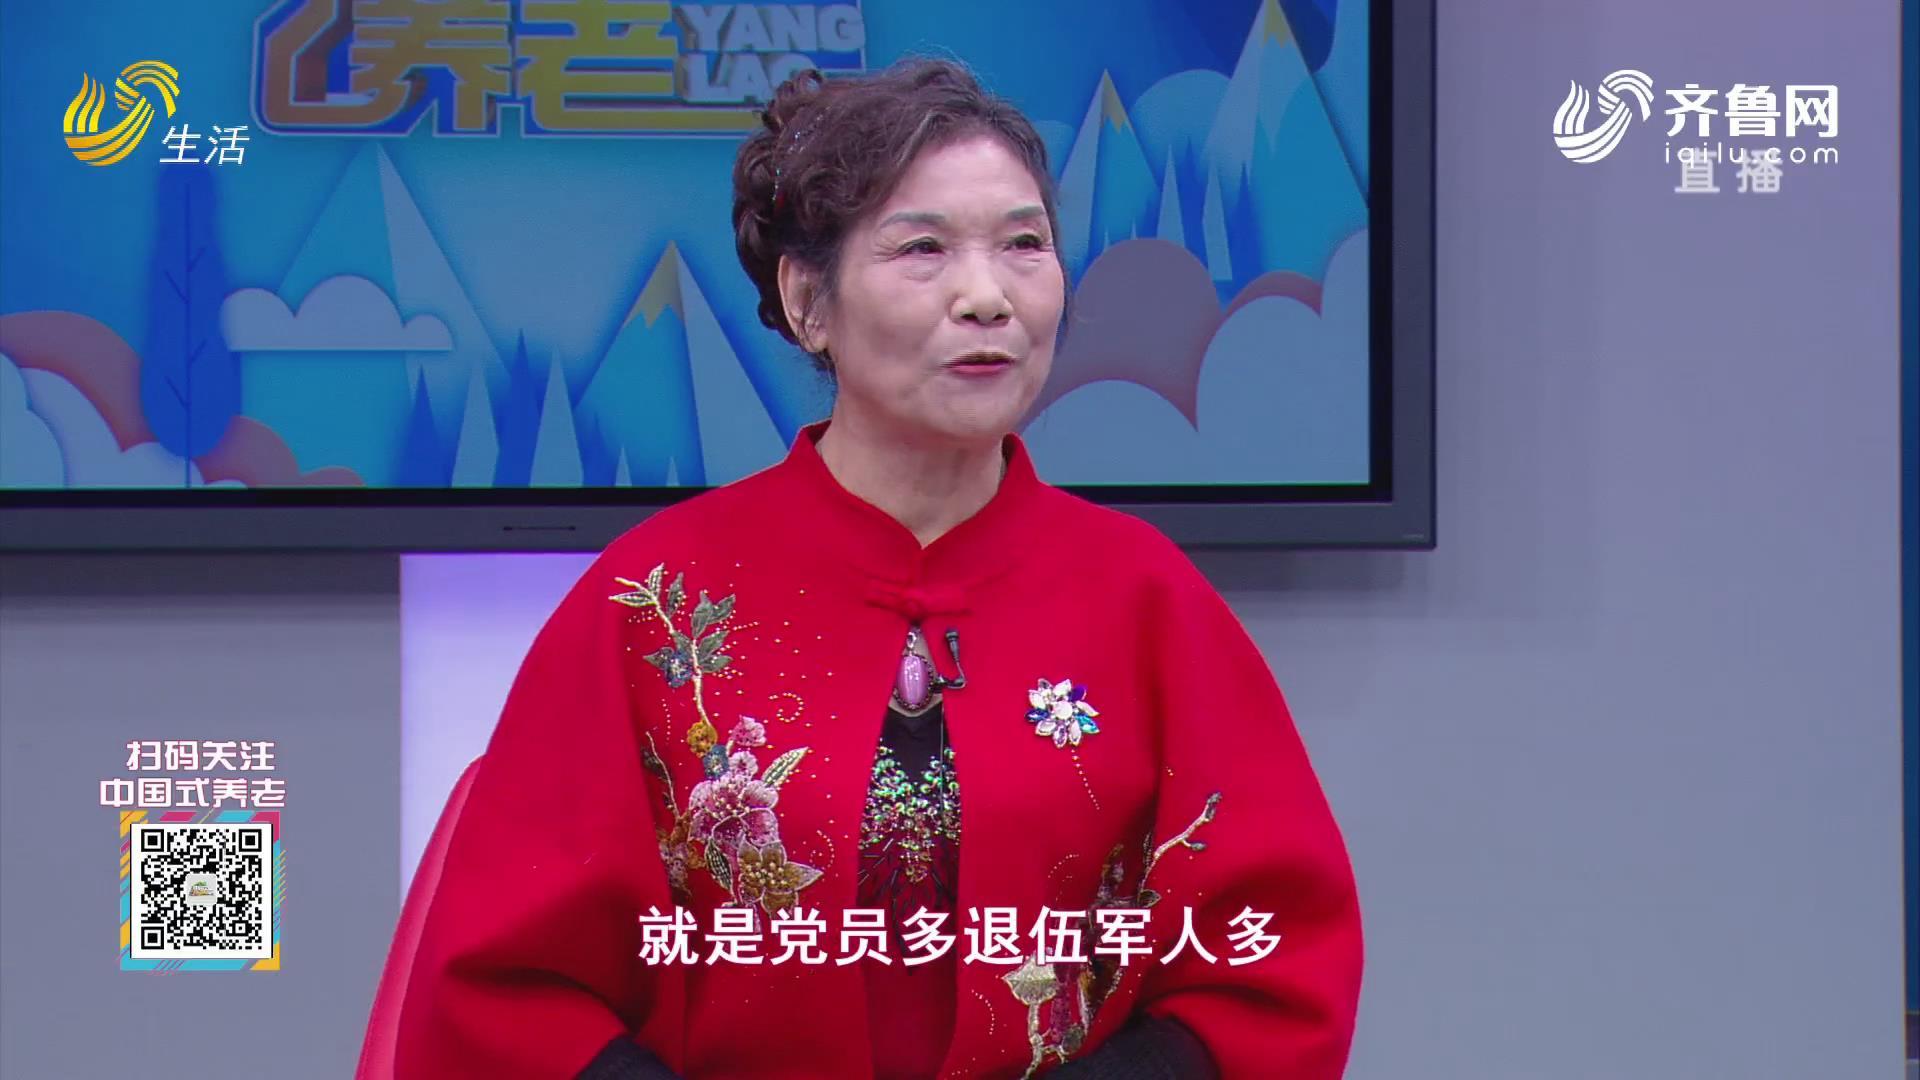 中国式养老-熊团长:乐于奉献的知心大姐